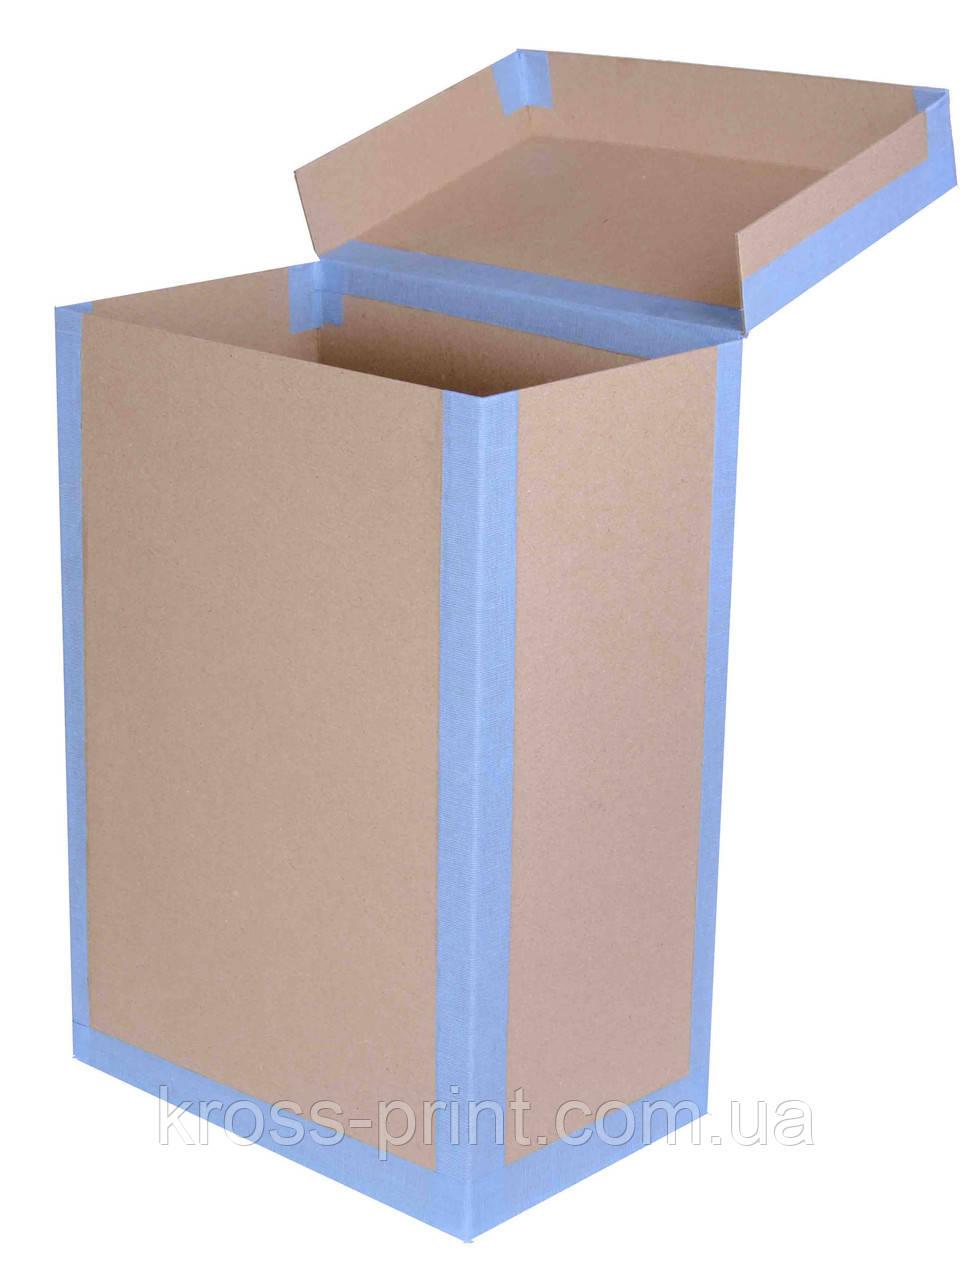 Короб архивный картонный с крышкой